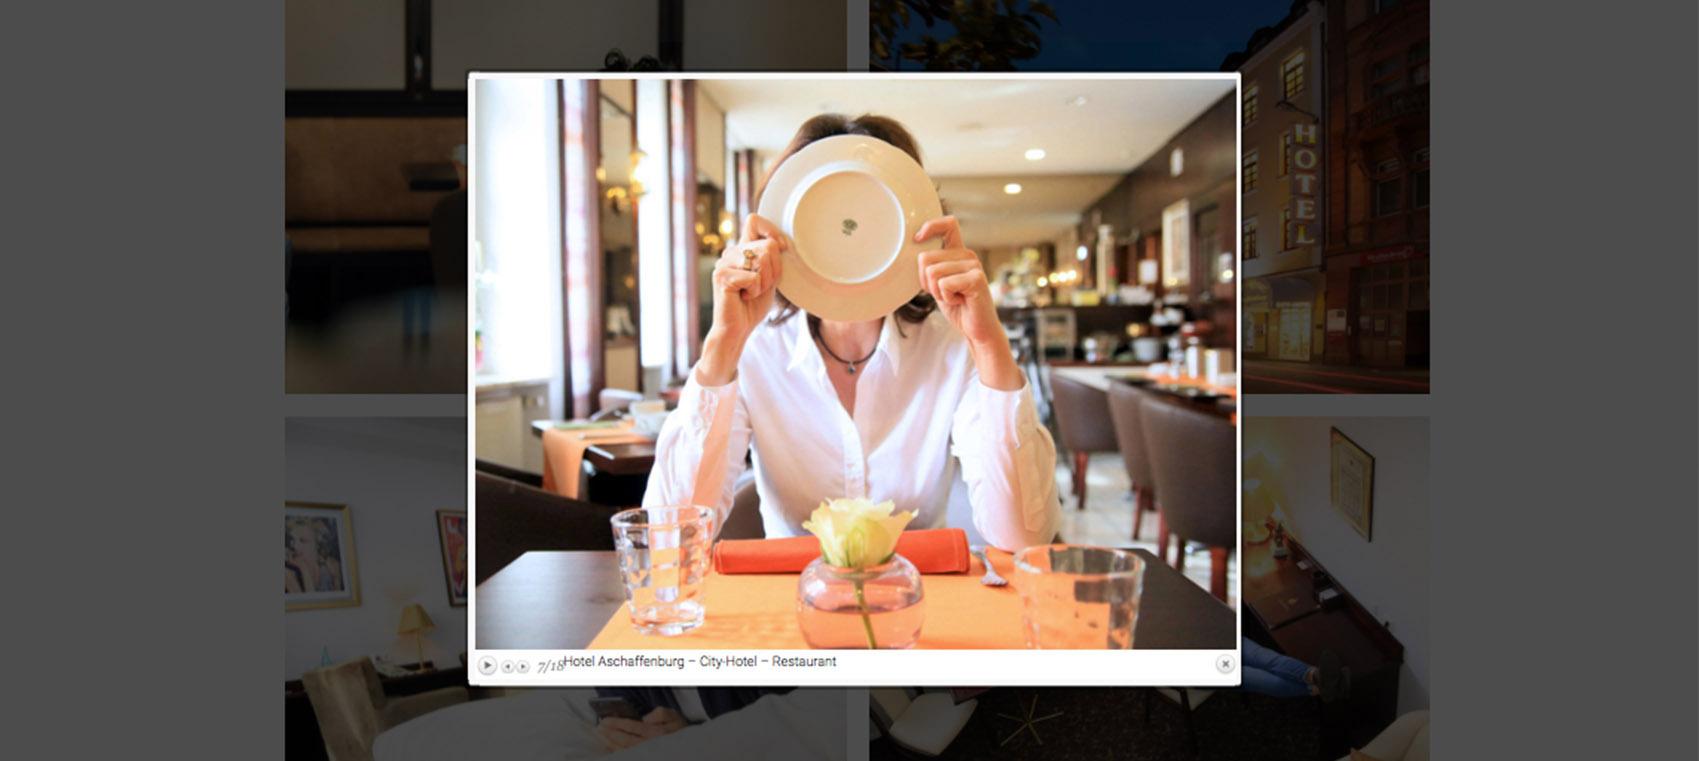 hotel fotos; hotel fotograf-frankfurt; hotel fotograf-bayern, hotel fotograf-deutschland, hotelfotografie-frankfurt, aschaffenburg, Reise; Geografie; Reisen; Reiseziel; Tourismus; Sightseeing; indoor; Innenaufnahme; Architektur; architecture; Hotelfoto; hotel photography; hotel; hotel_foto_10_frankfurt_klewar-photographie.jpg